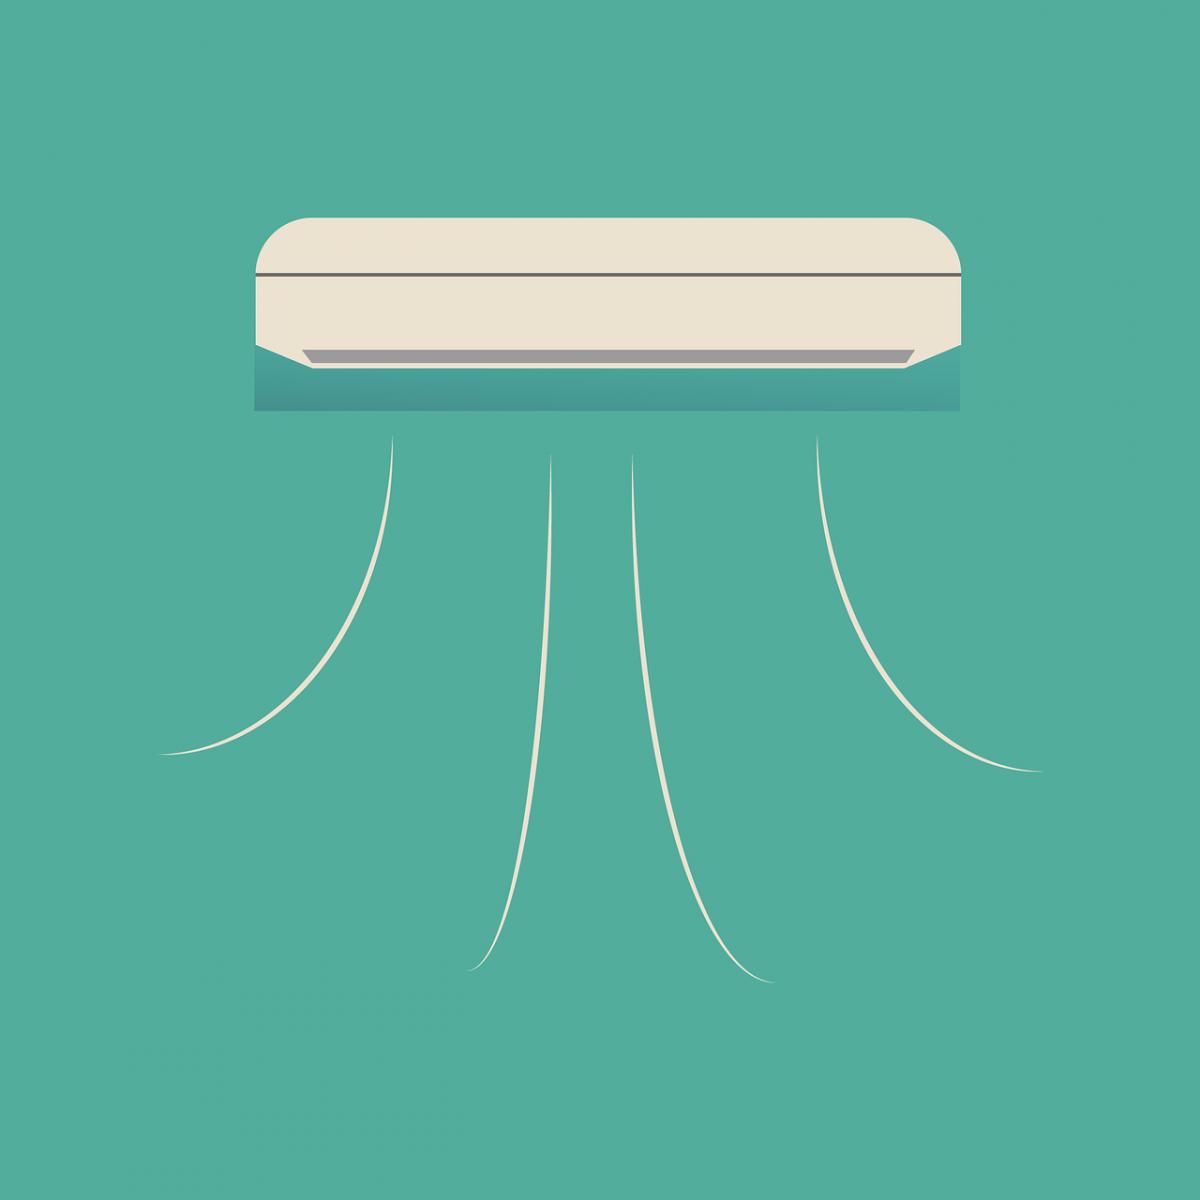 Condizionatori portatili: come installarli senza dover fare lavori